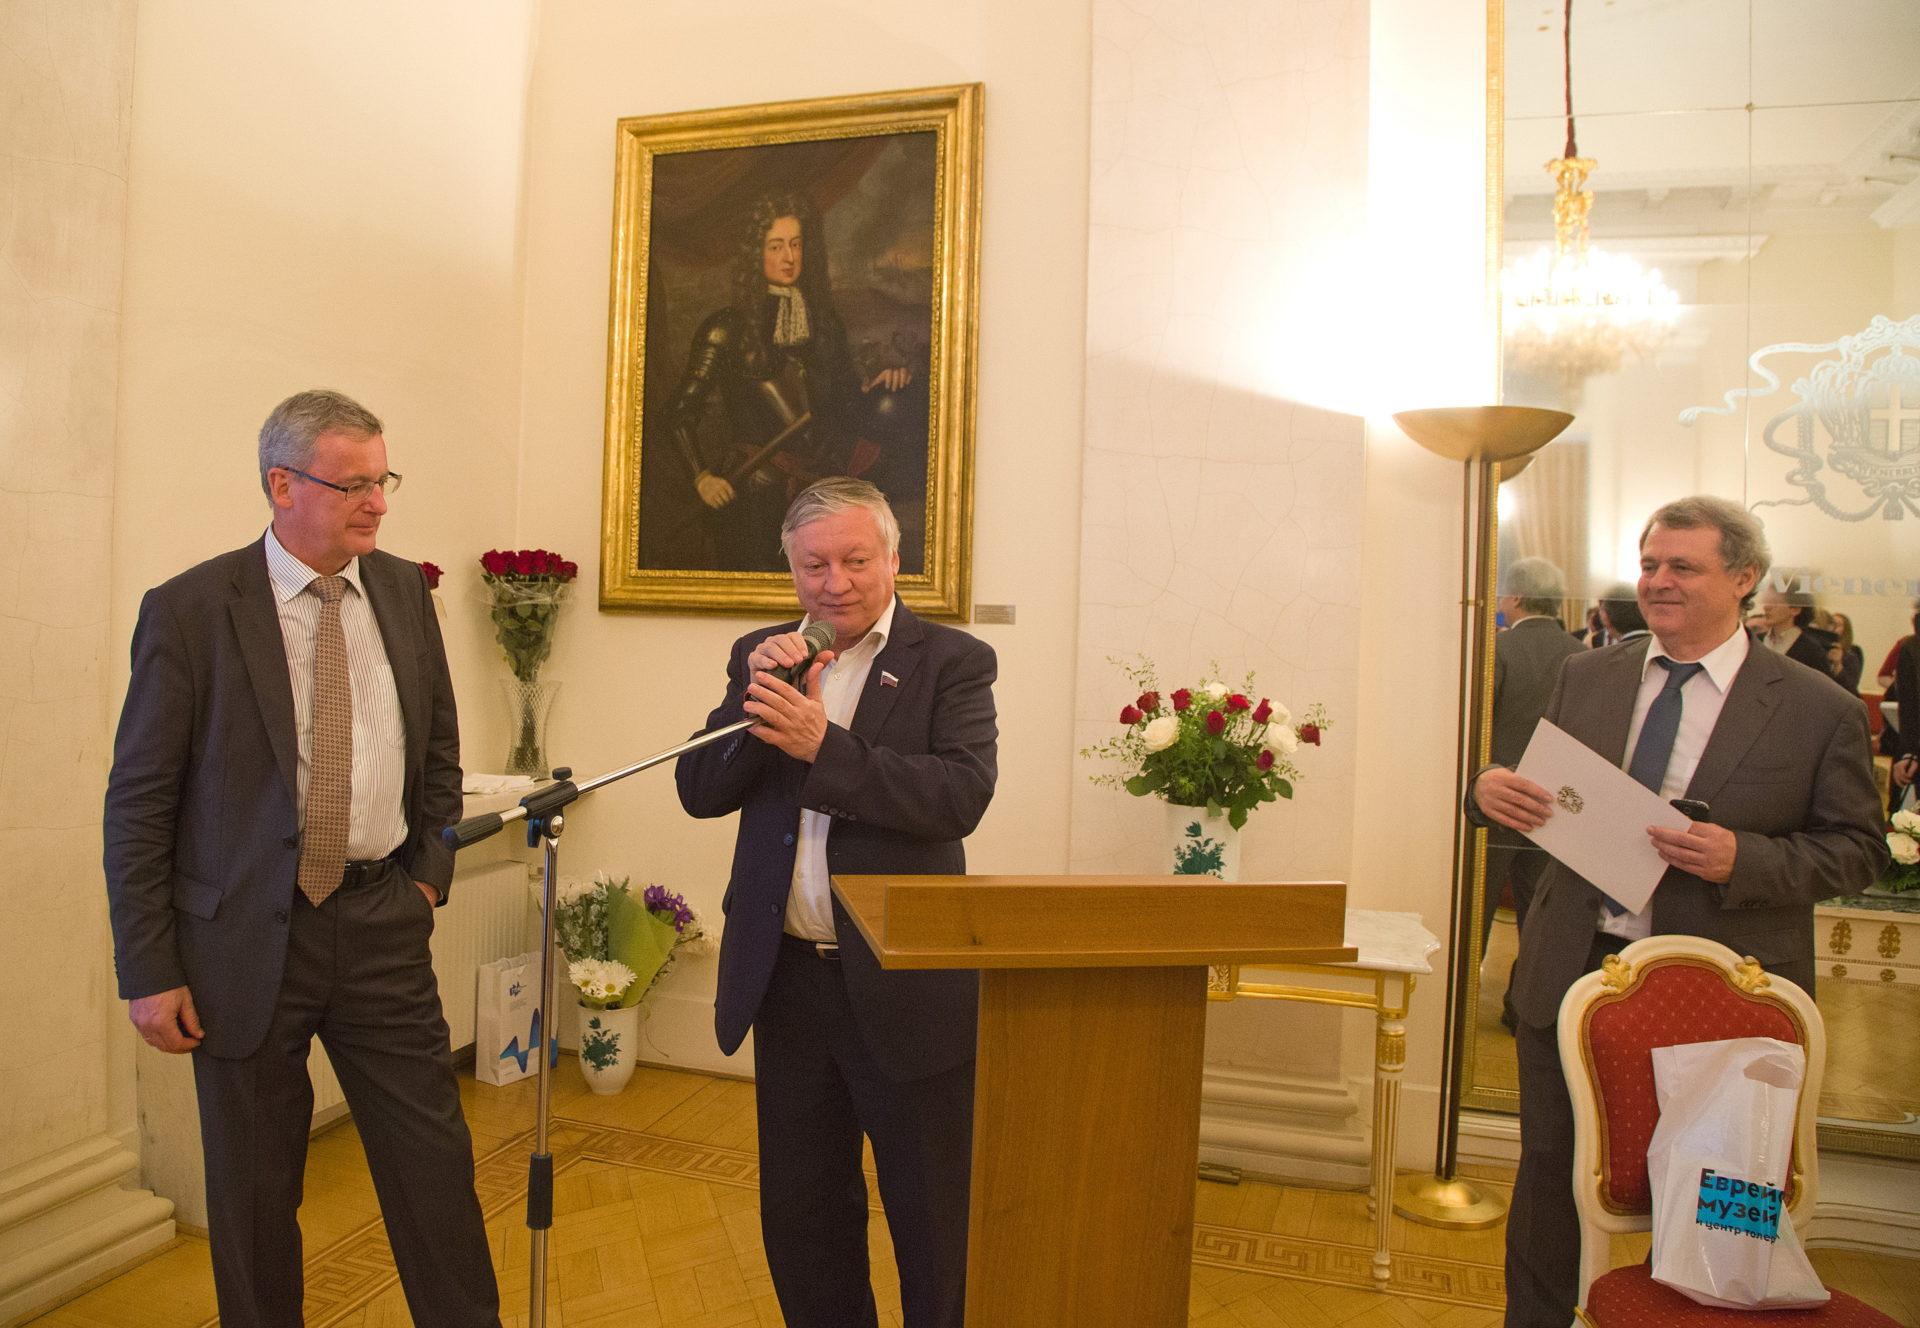 Алла Гербер и Илья Альтман получили премию Австрийской службы памяти жертв Холокоста